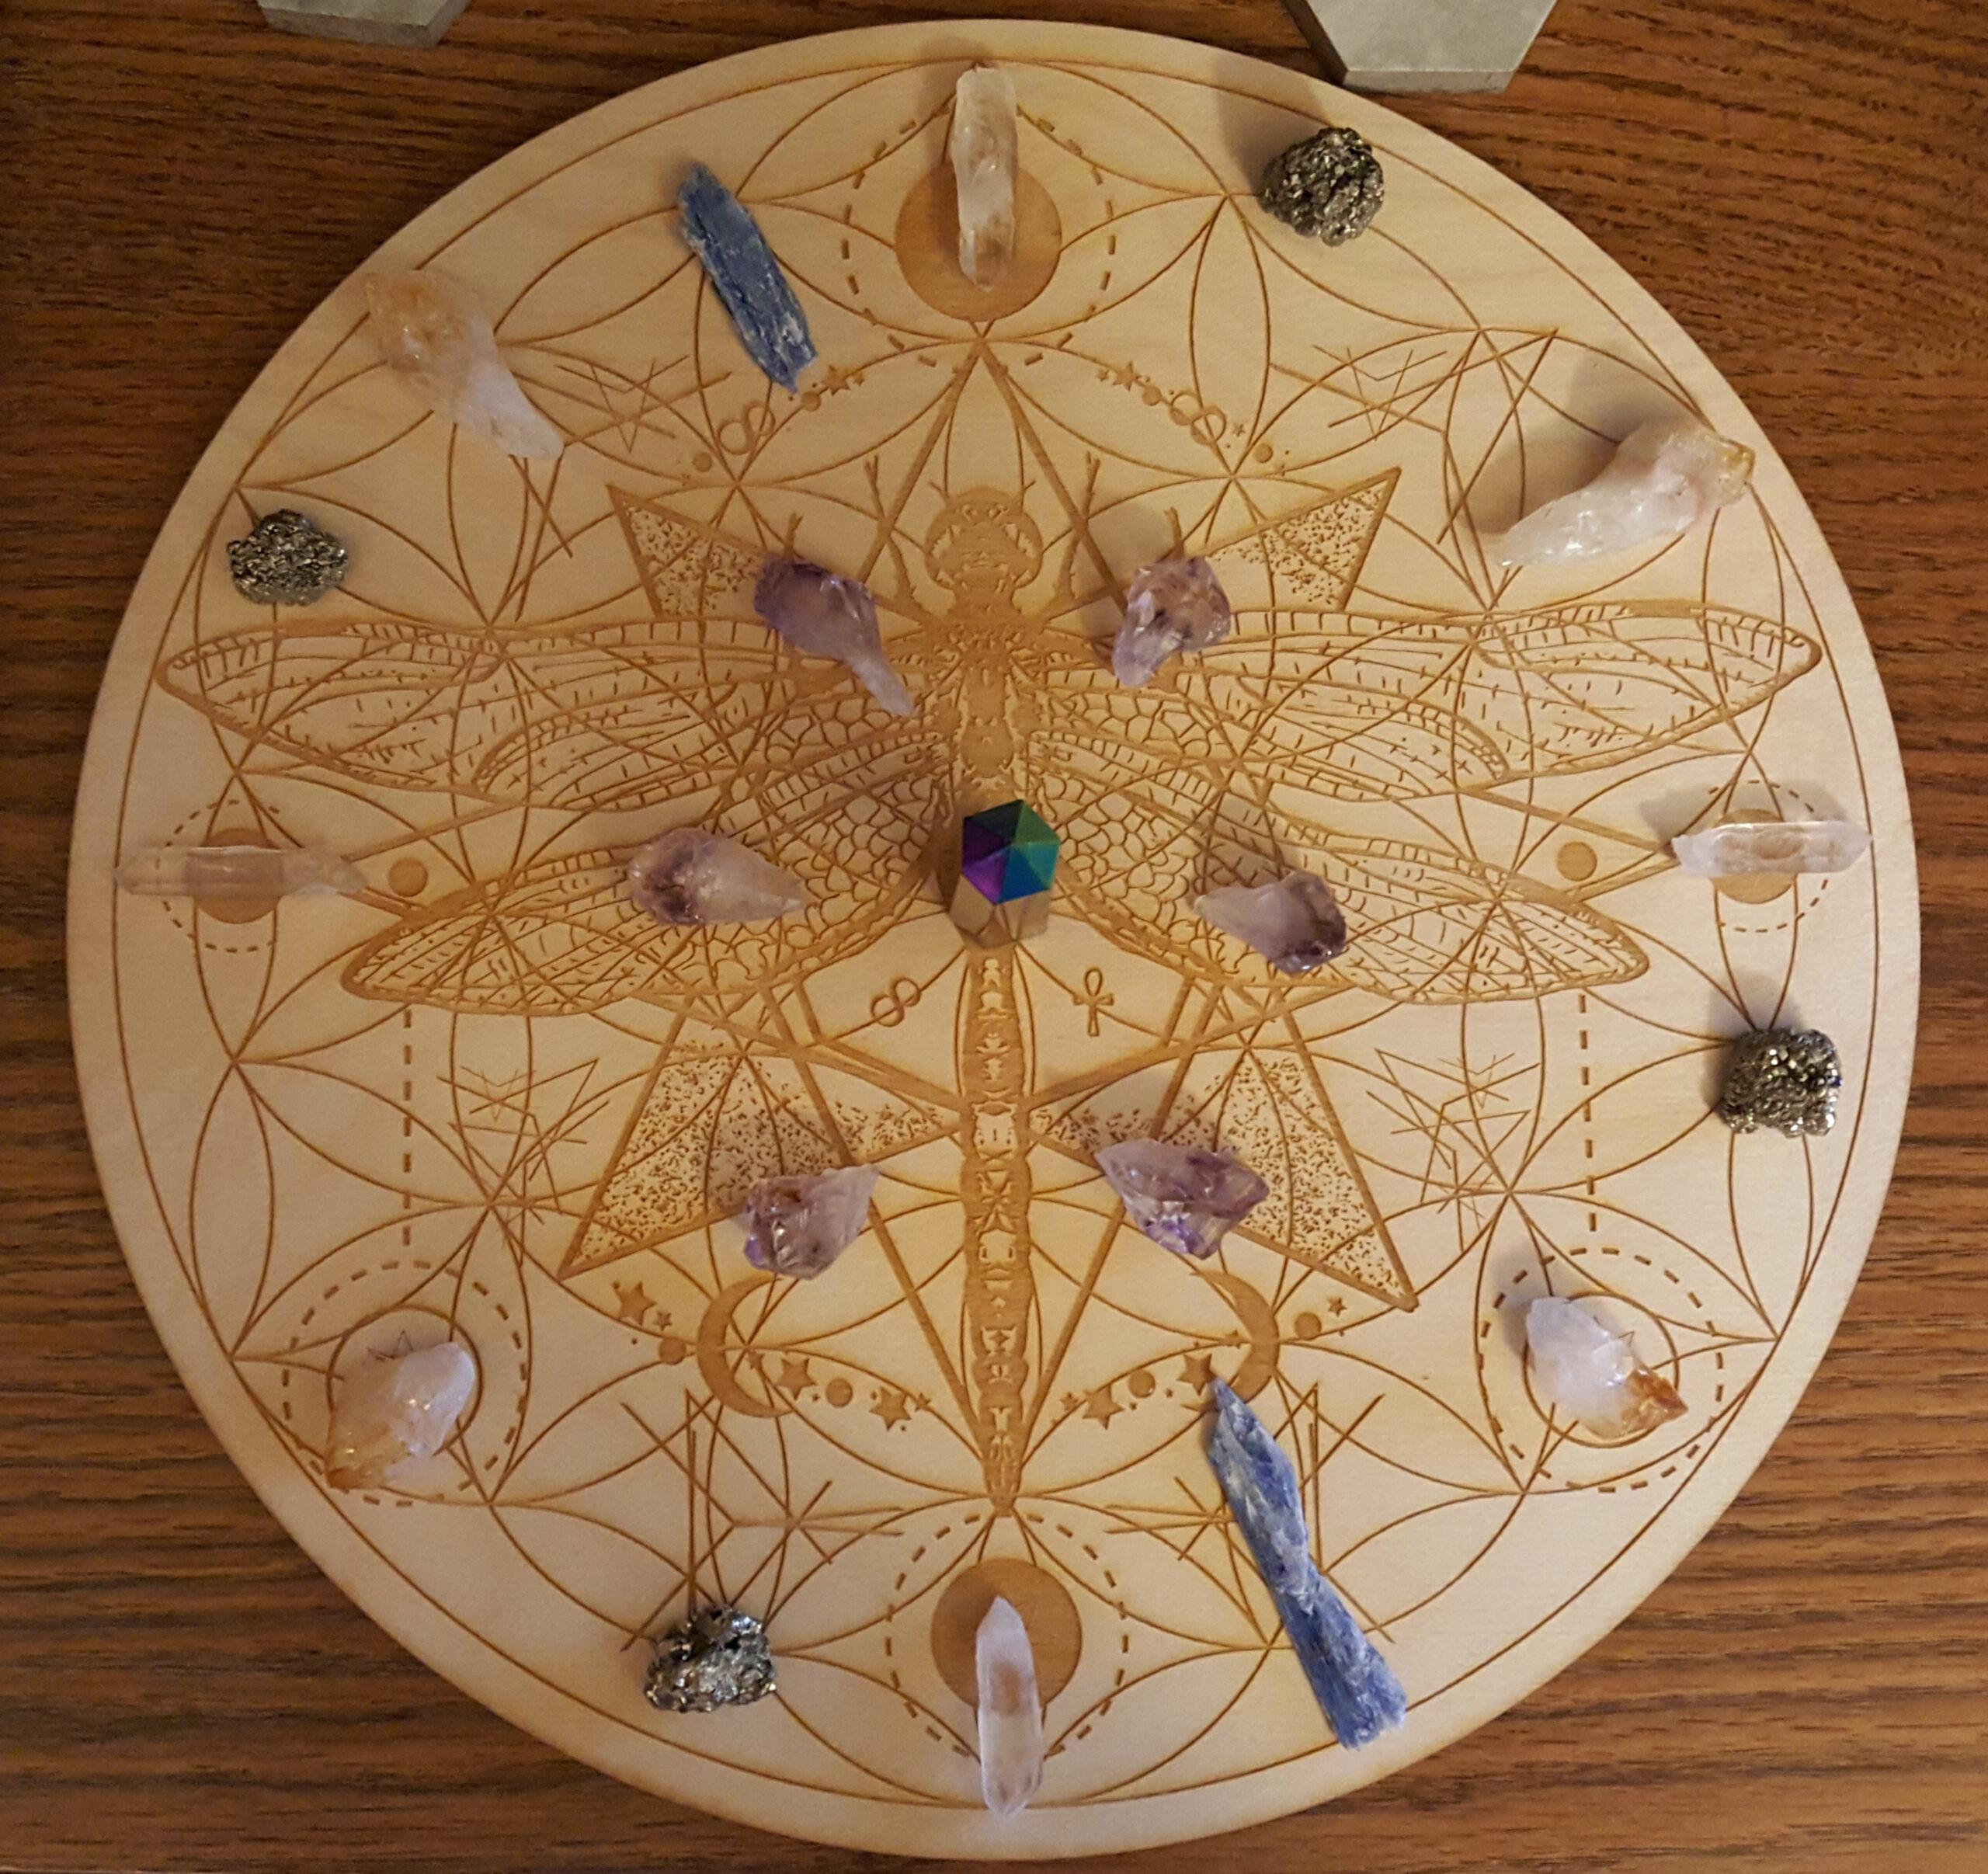 2020 Samhain Blue Moon Prosperity Crystal Grid